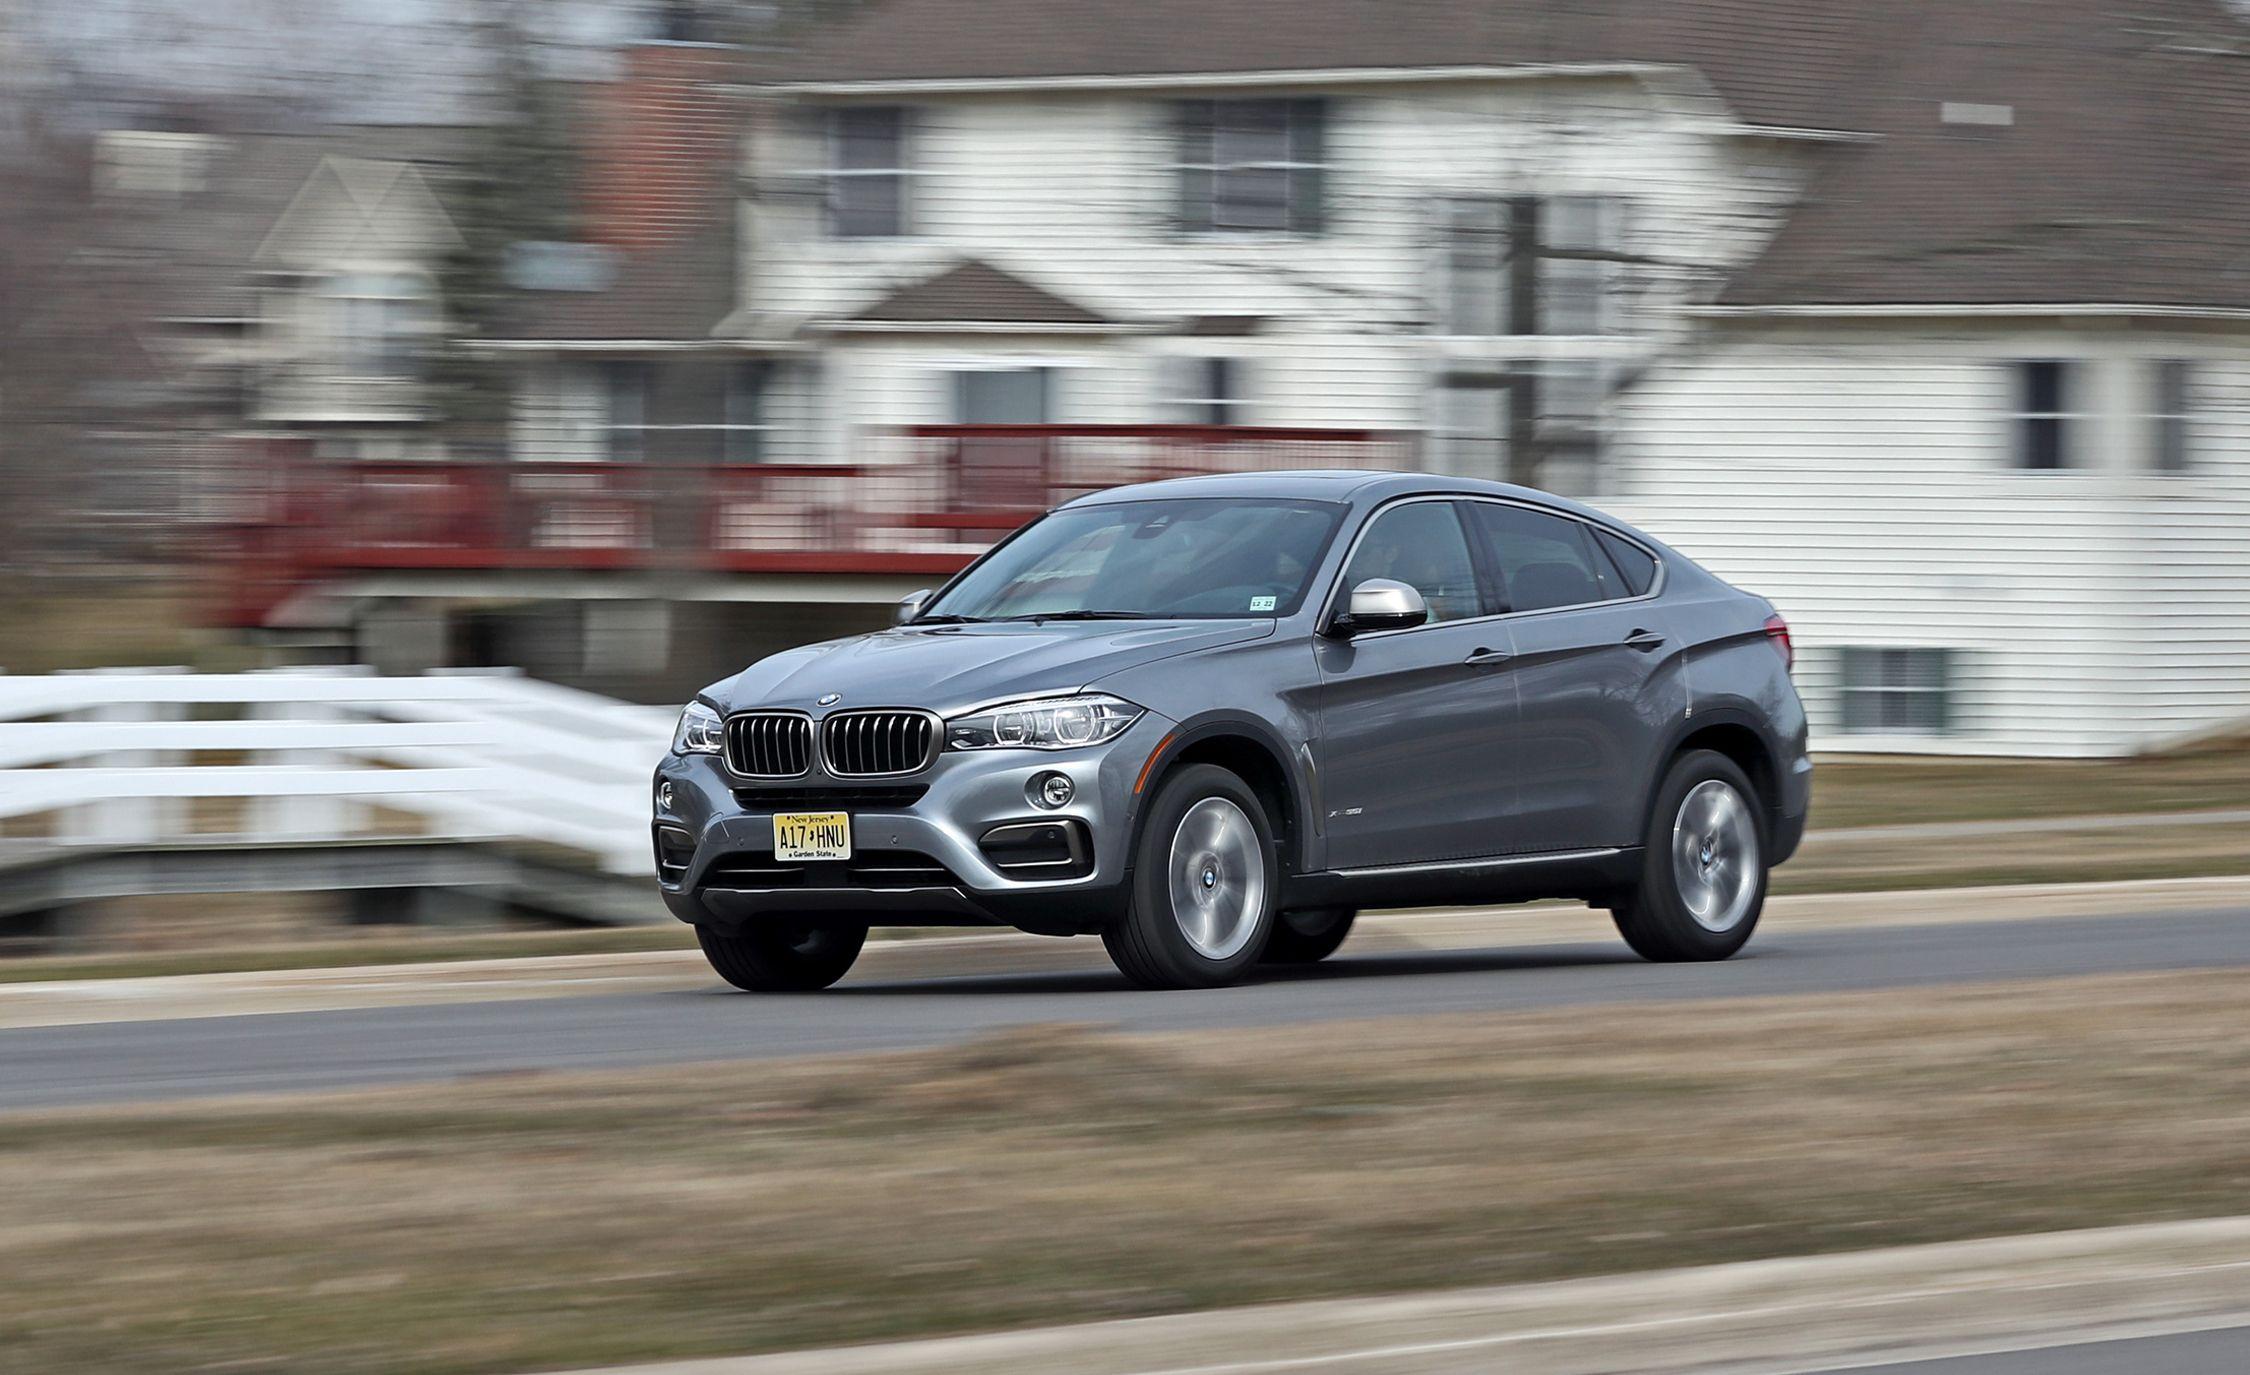 BMW X6 Reviews BMW X6 Price s and Specs